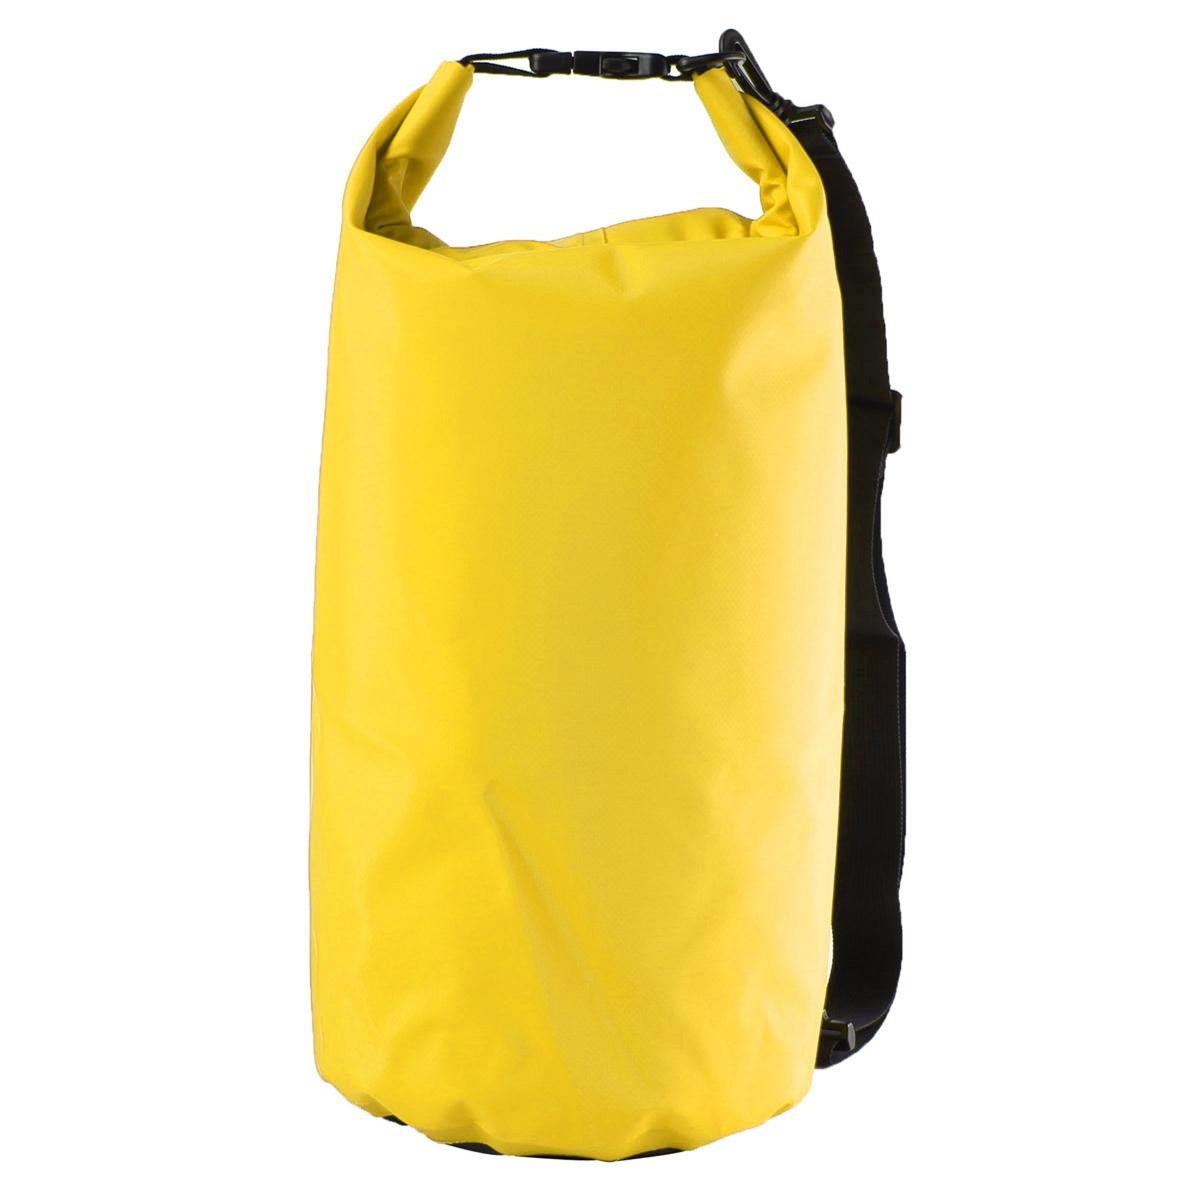 10/15 / 20 L Dry Bag Rollbeutel Seesack Packsack Tasche Wasserdicht Strandtasche